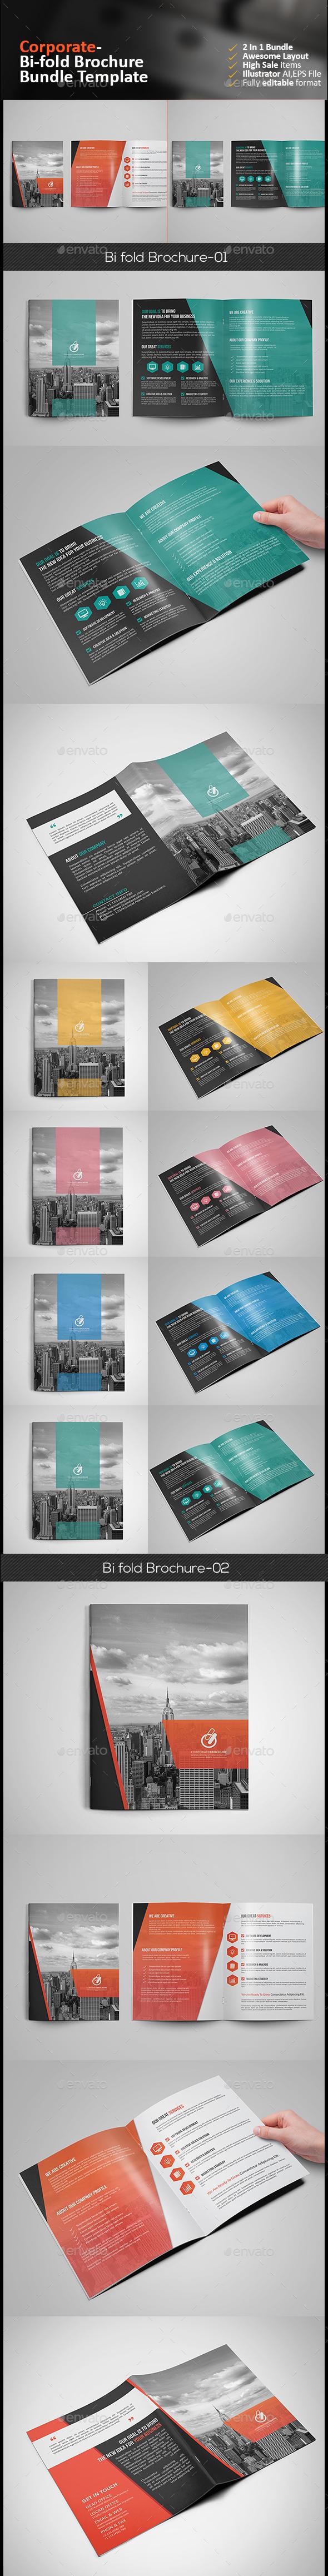 Corporate Bi Fold Brochure Bundle - Corporate Brochures